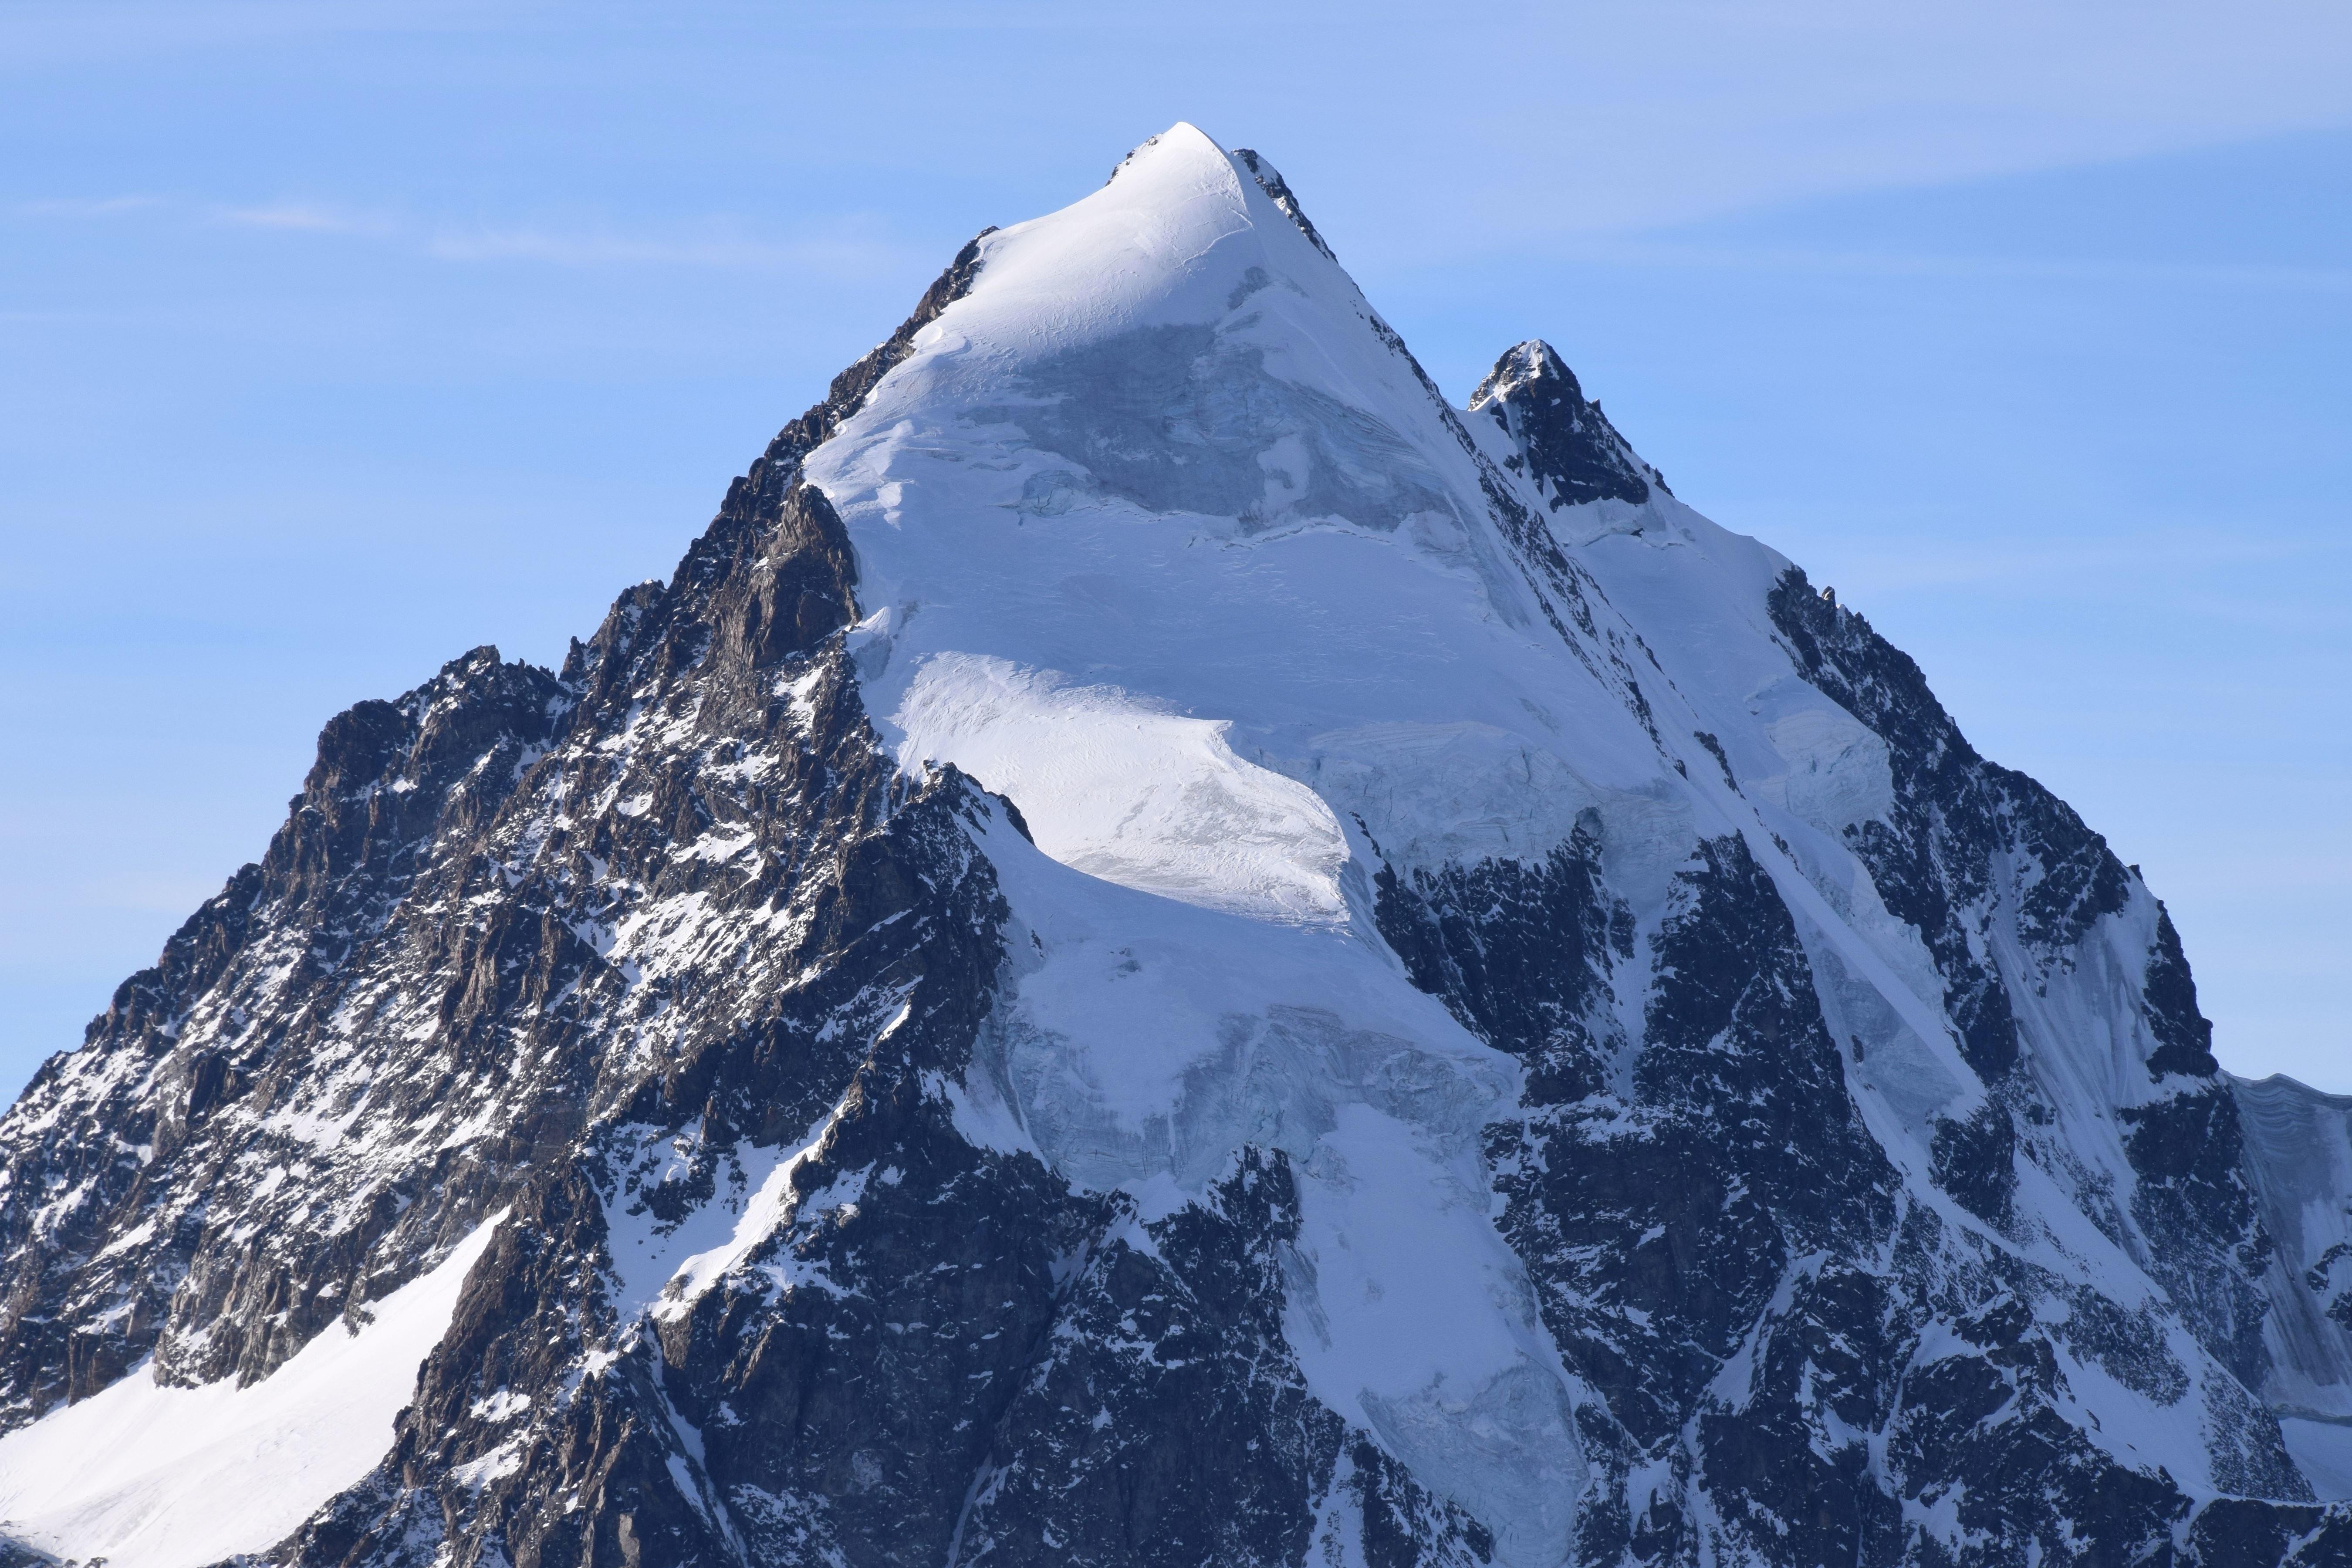 Una Montaña Nevada: Imagen Gratis: Montaña, Nieve, Invierno, Frío, Hielo